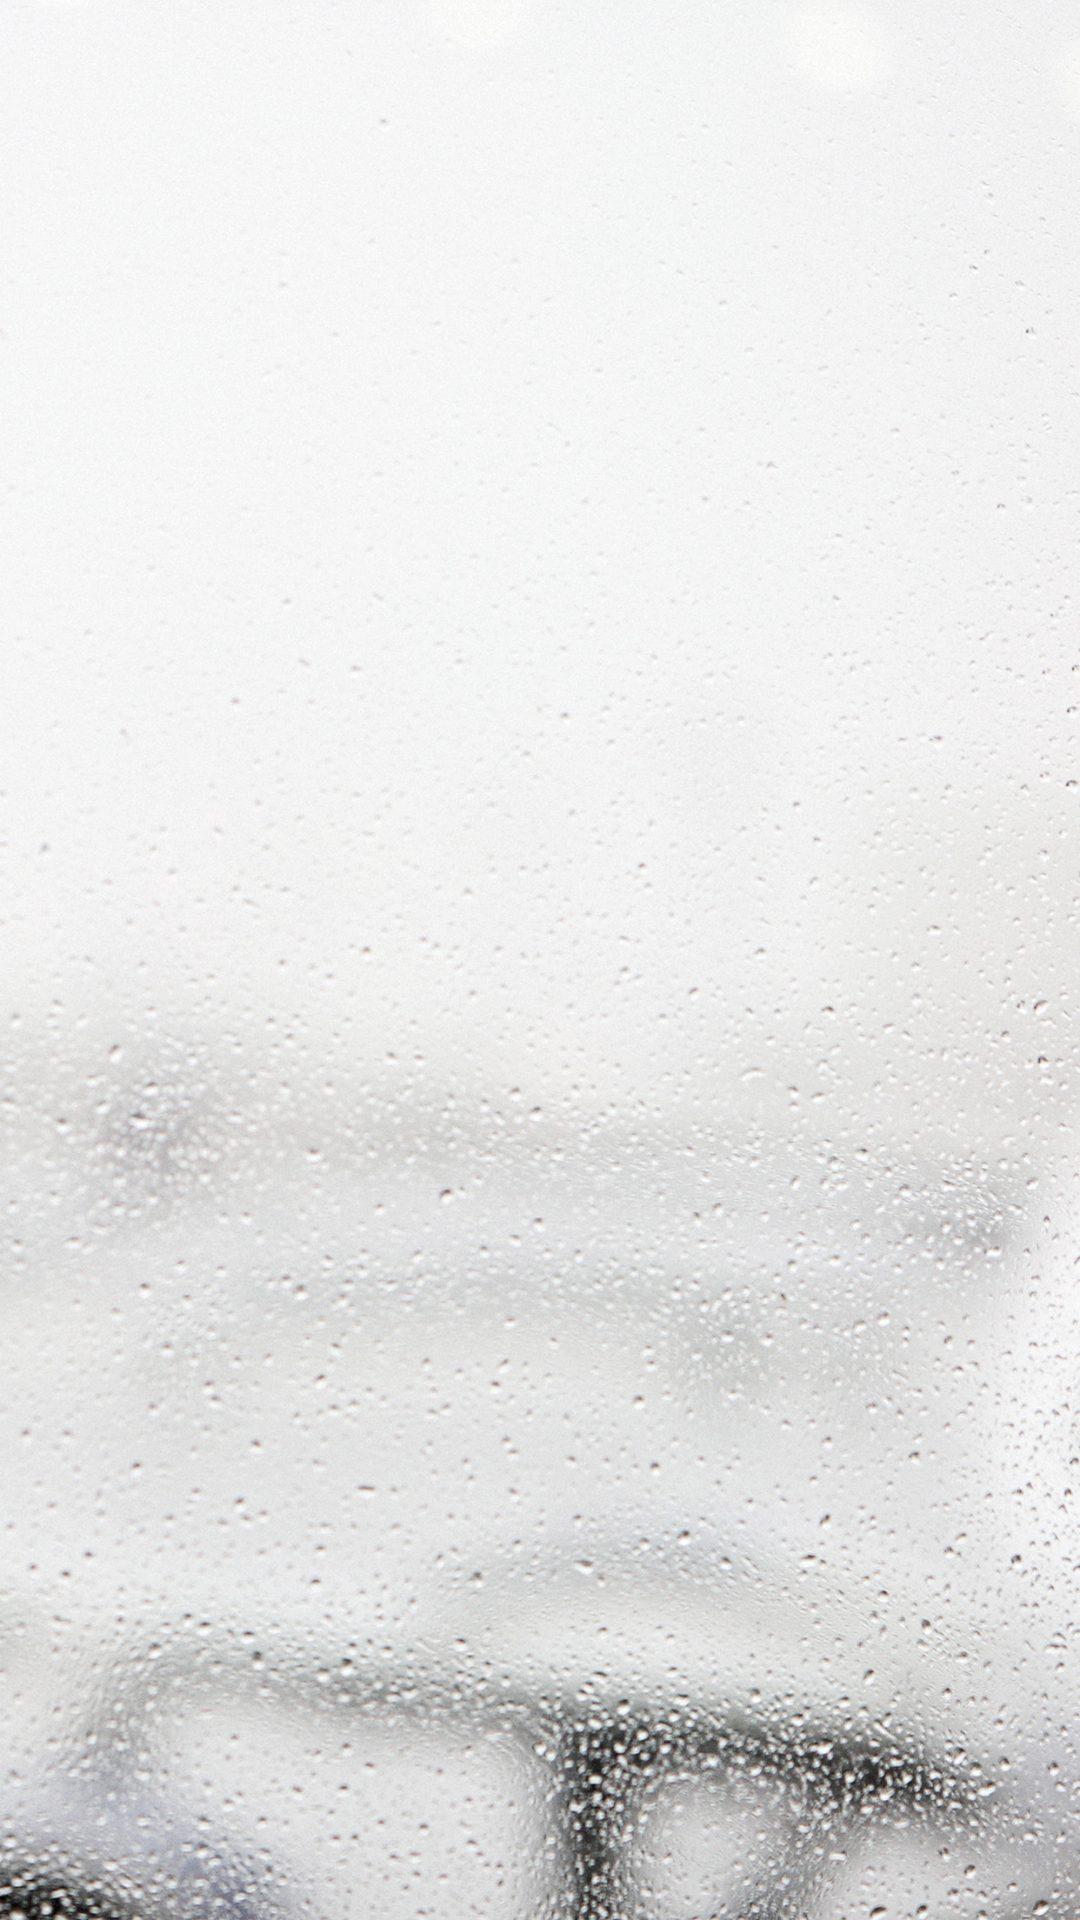 Window Rain Bubble Nature City White